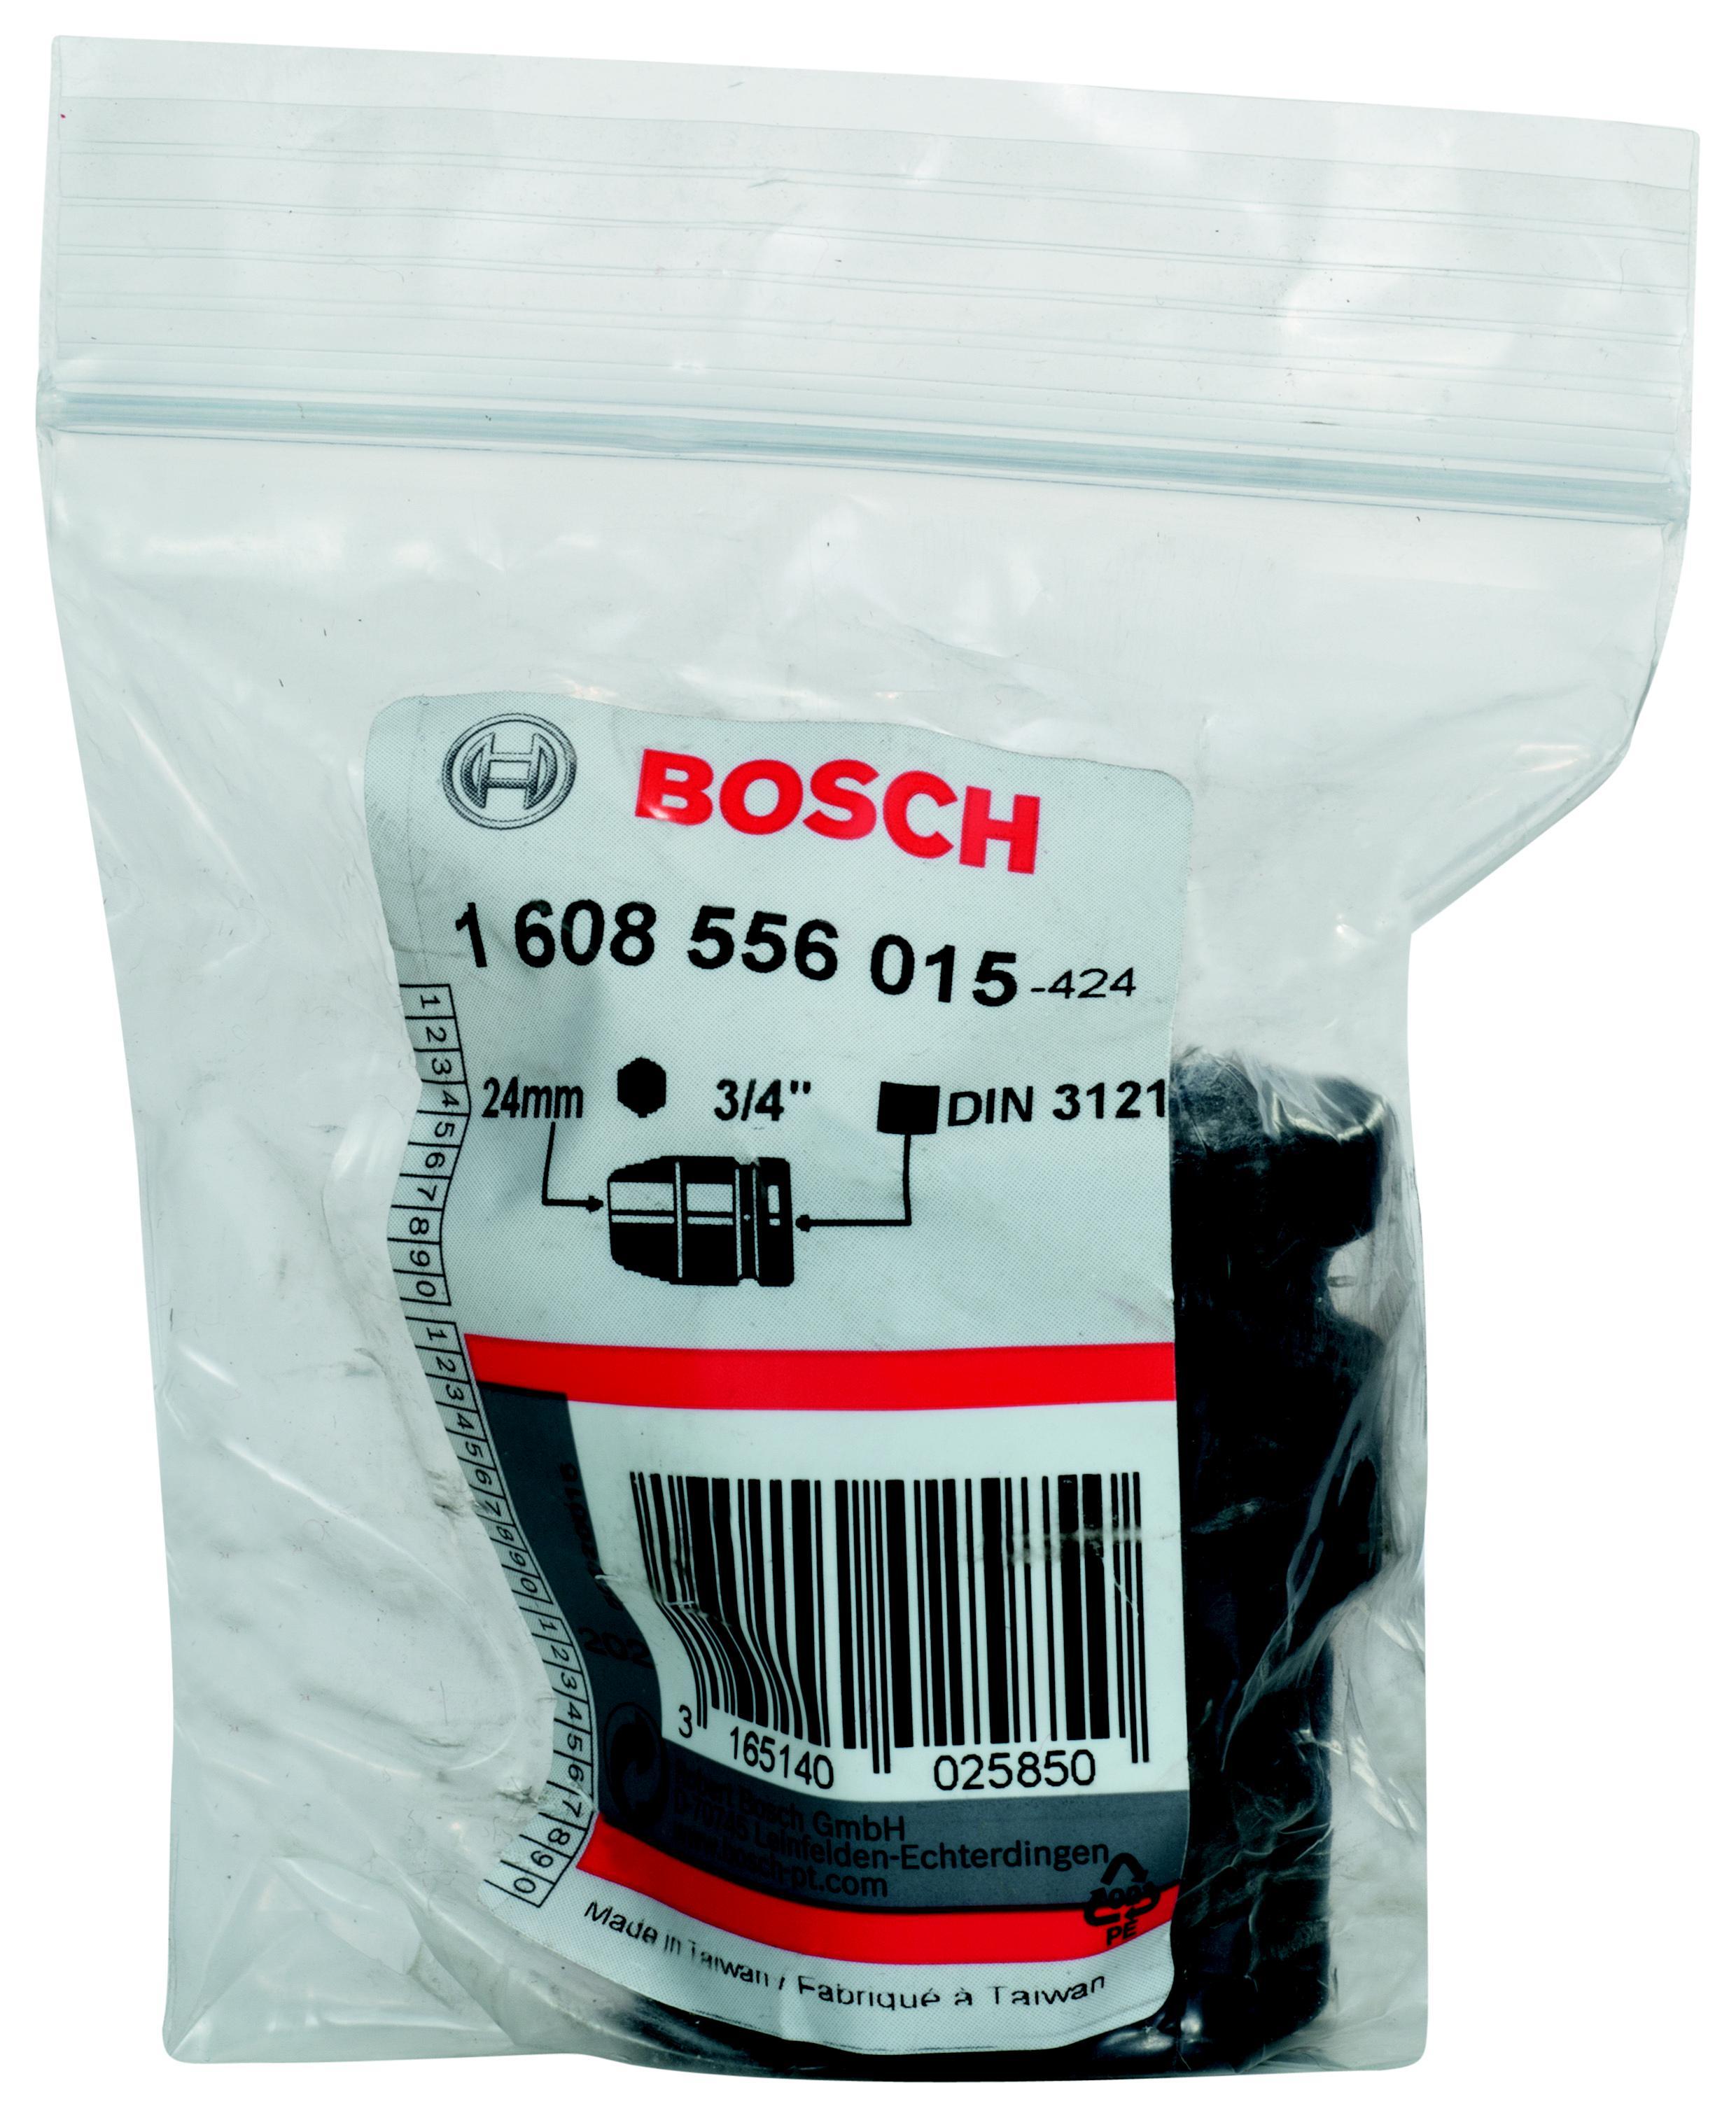 Торцевая головка Bosch 24 мм, 3/4'', 1 шт. (1.608.556.015) от 220 Вольт